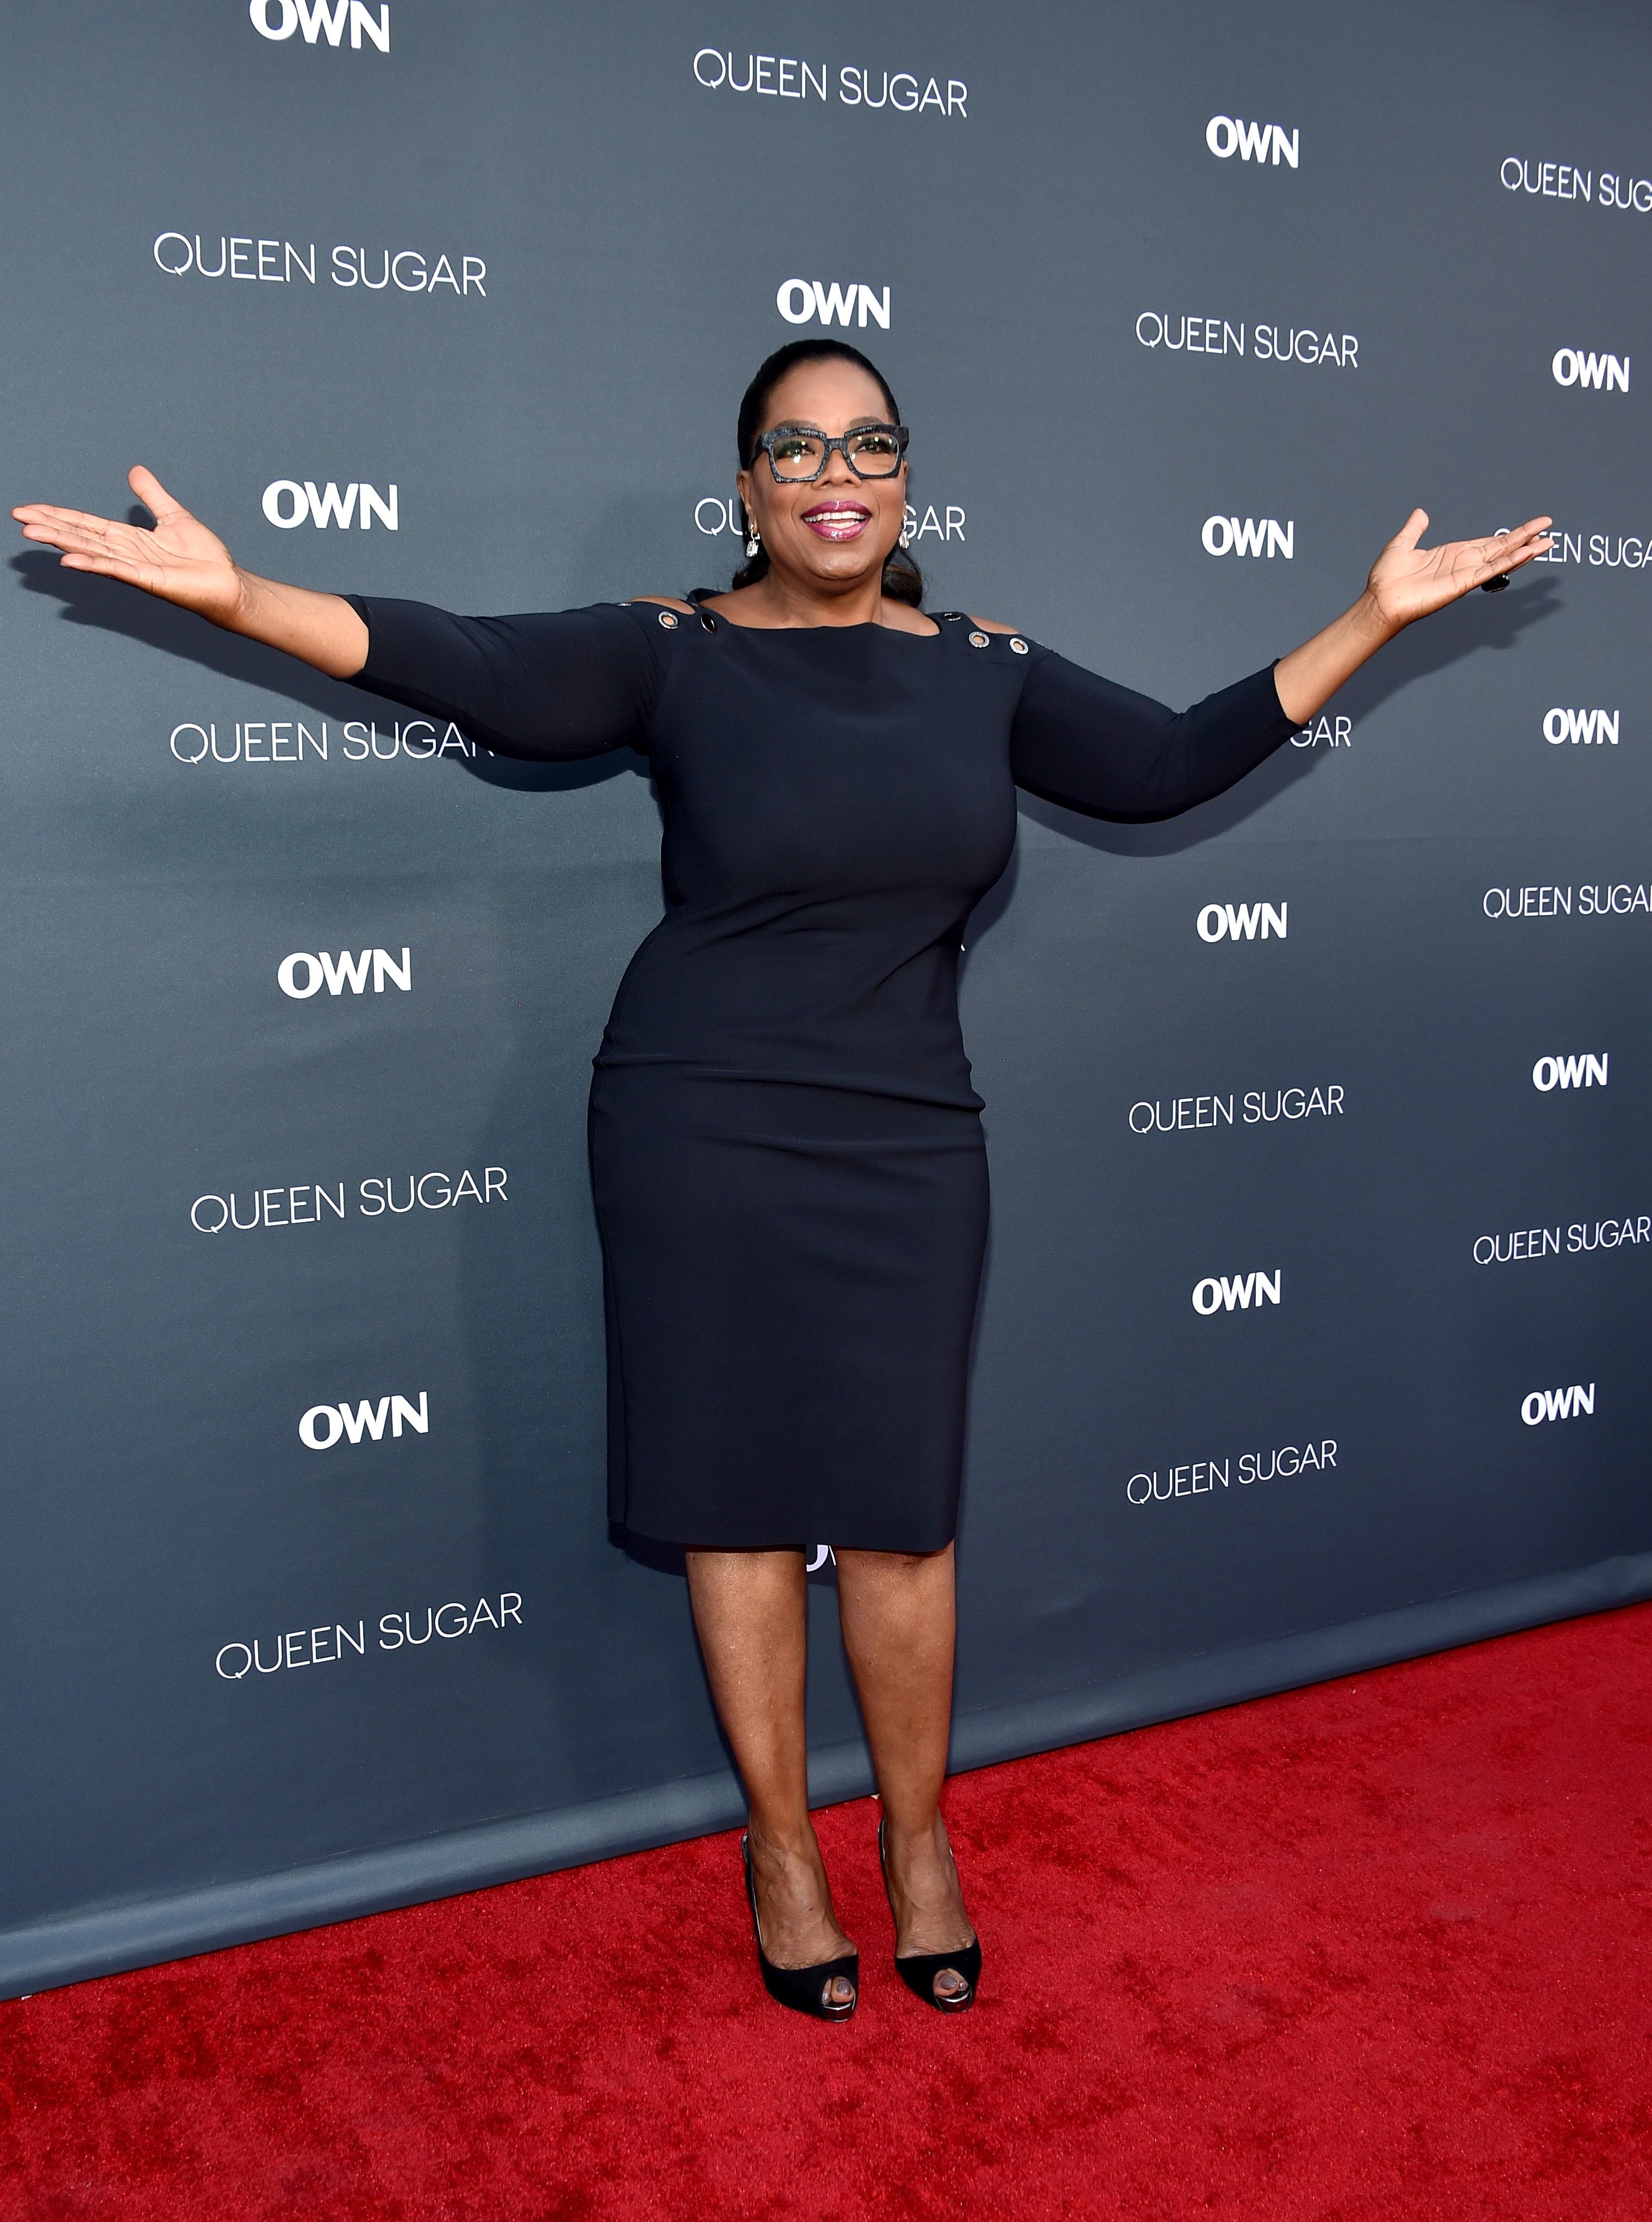 Mitől fogyott le Oprah Winfrey? Acai berry csodája